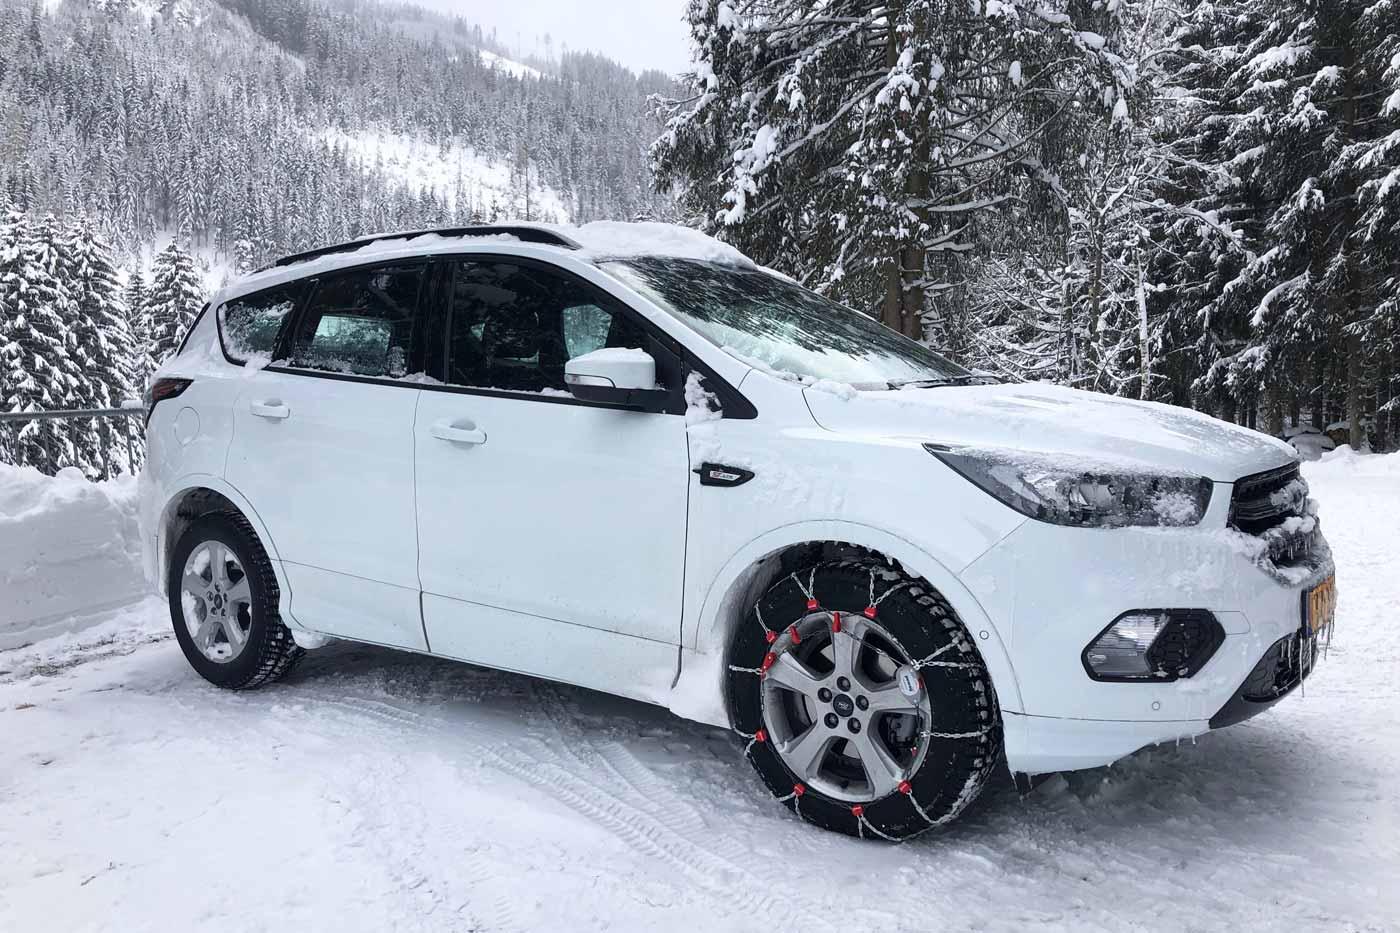 Auto met sneeuwkettingen op de weg in de sneeuw